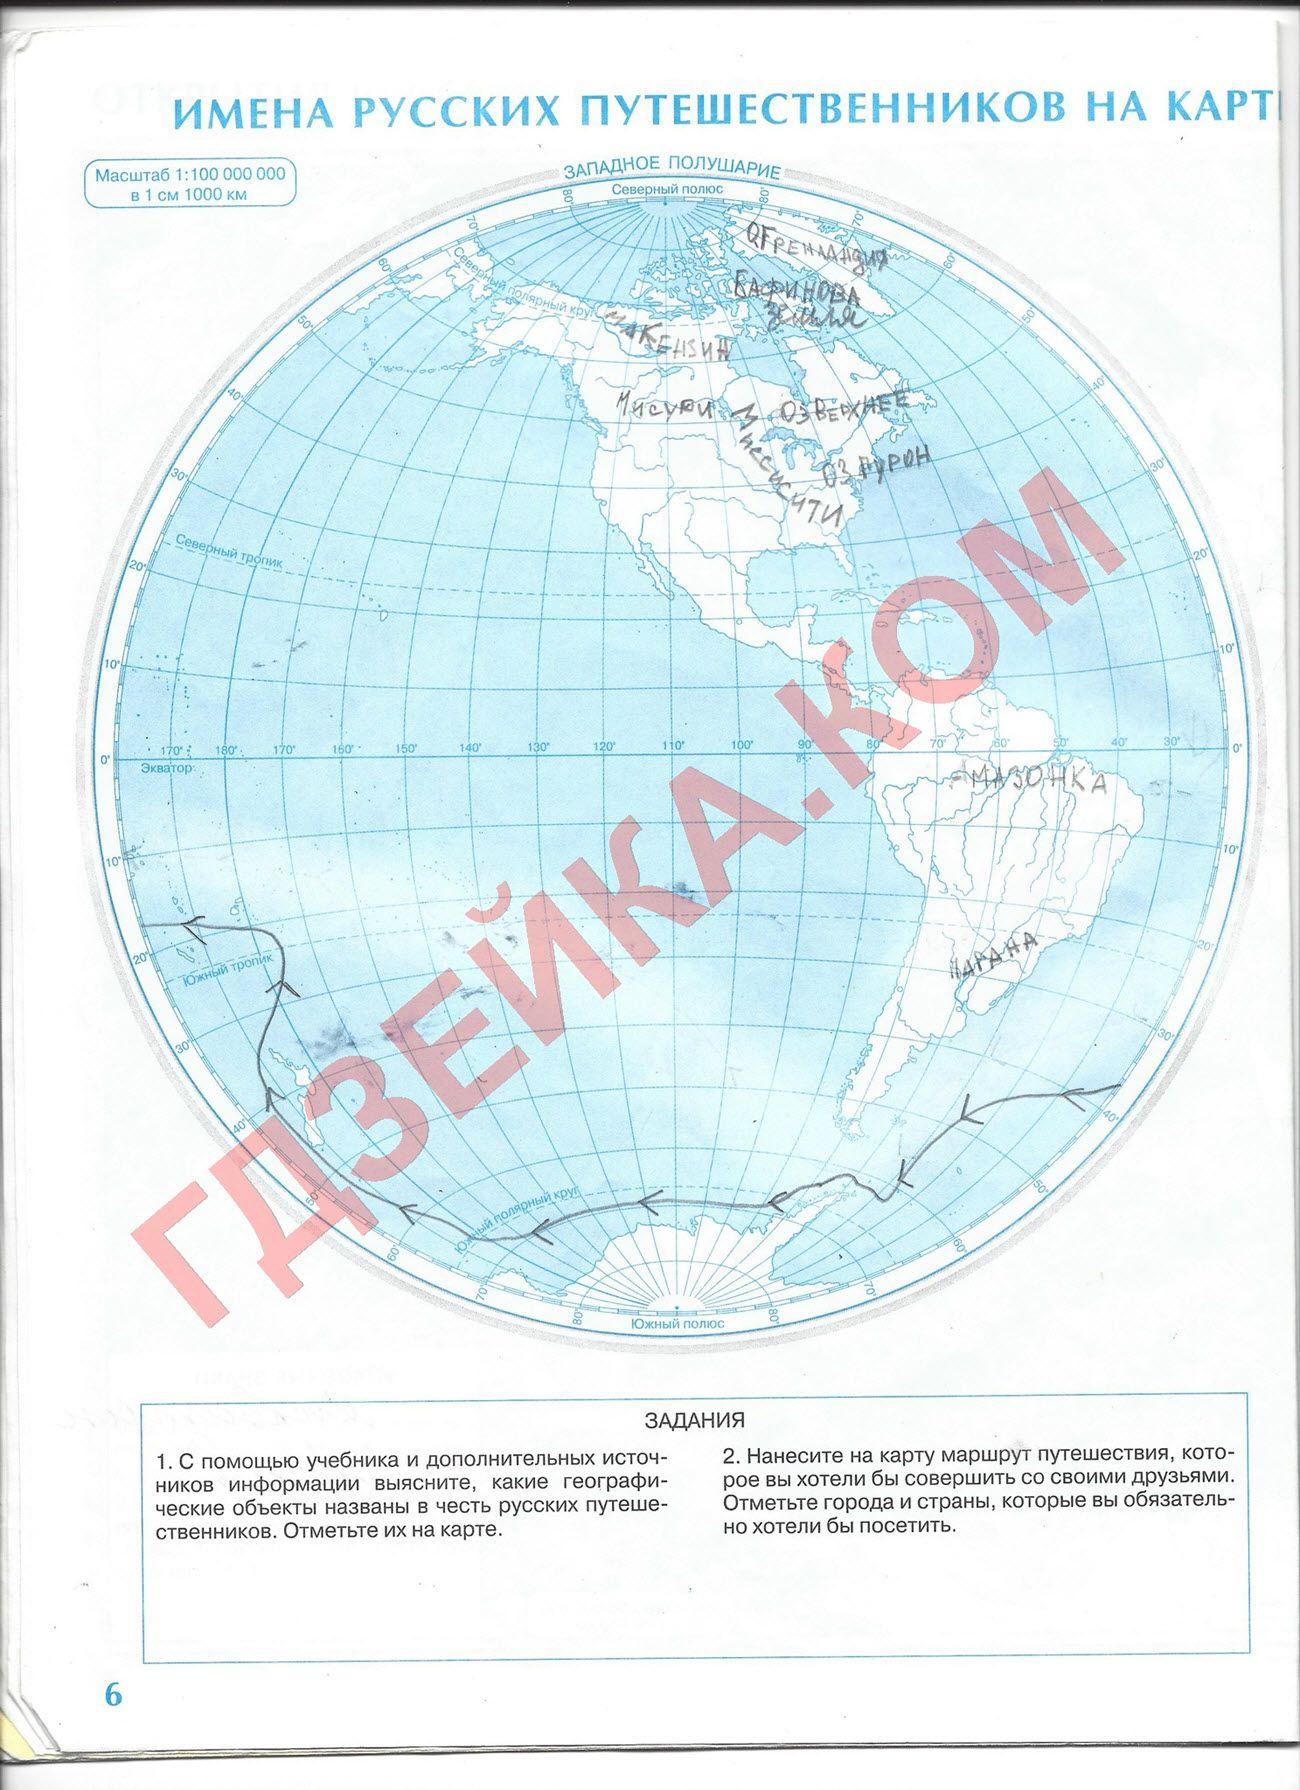 Гдз по контурным картам 5 класс география дрофа